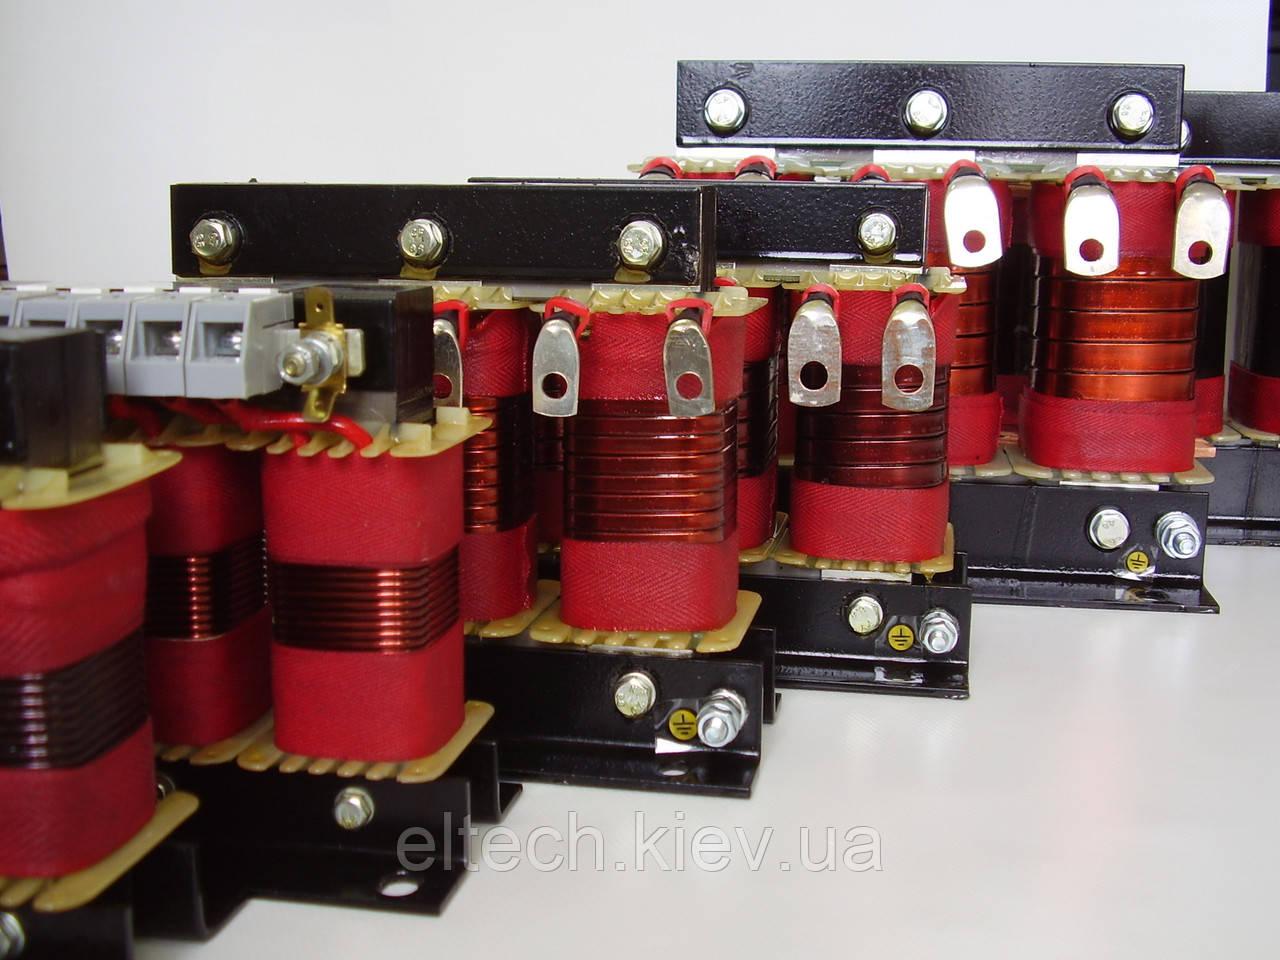 Дроссель моторный трехфазный AS7m 87/0.68 (45кВт)